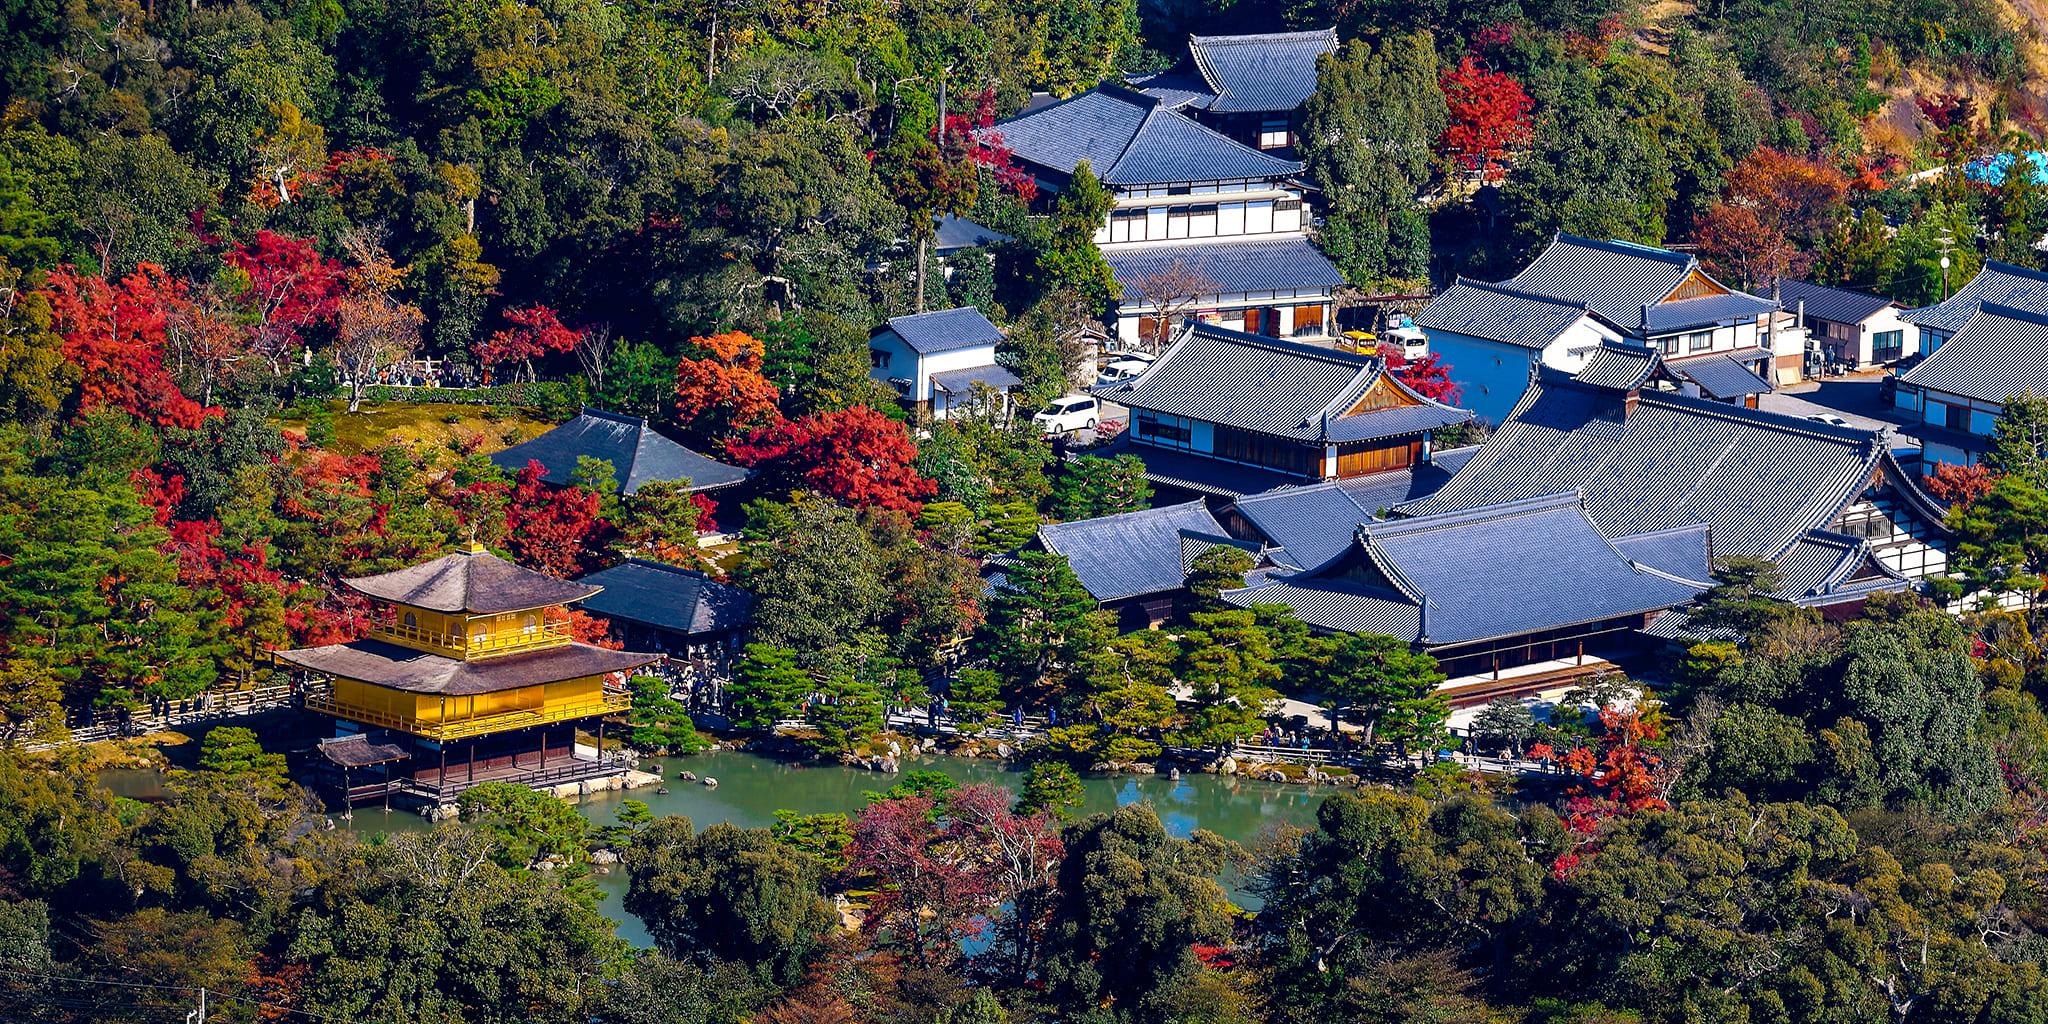 ヘリコプターで京都市内上空から見た金閣寺